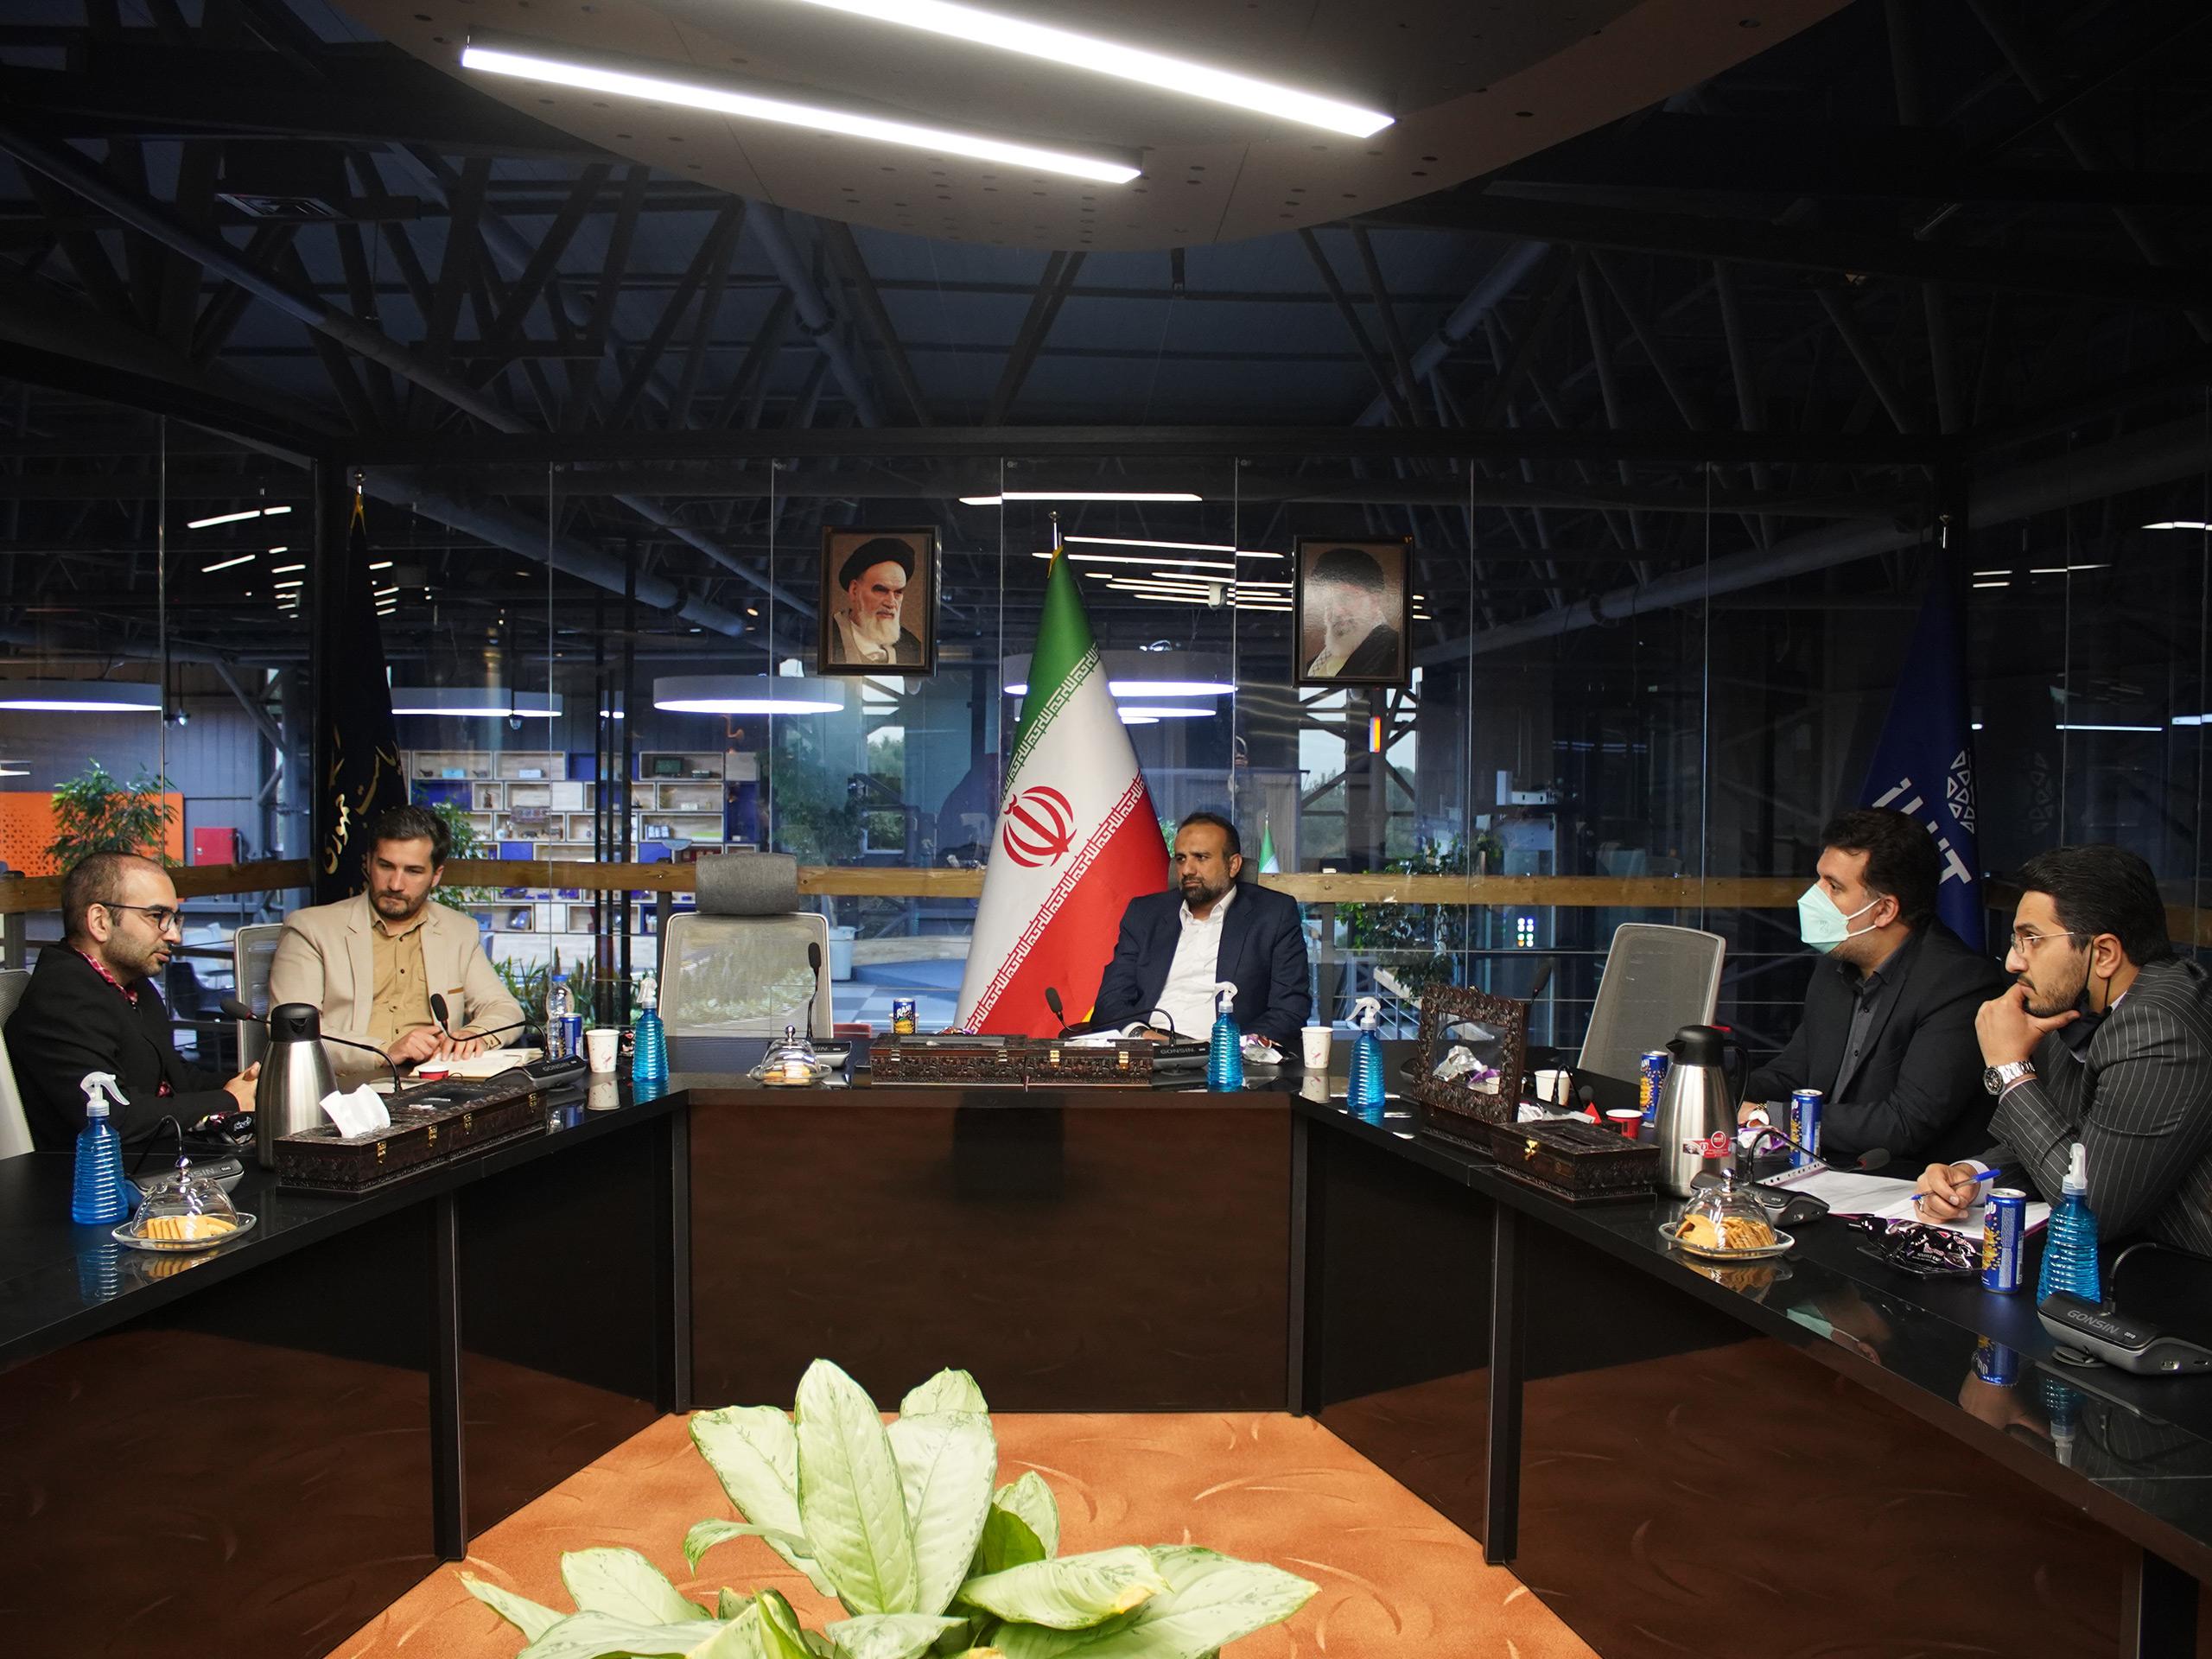 نشست با مهندس امانی  مسئول صندوق توسعه صادرات و تبادل فناوری در آی هیت